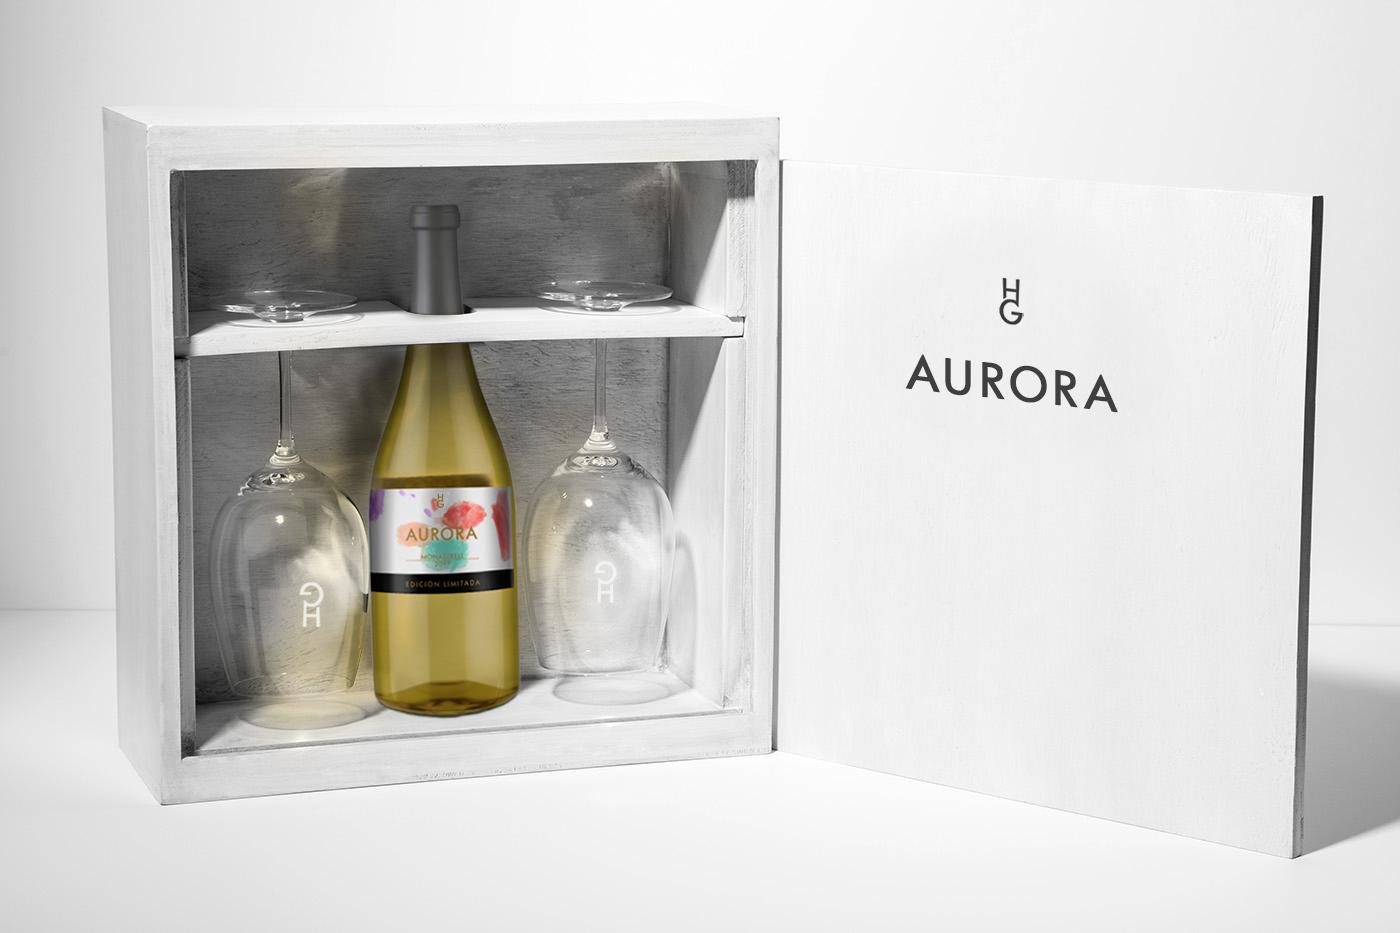 caja vino aurora  hg